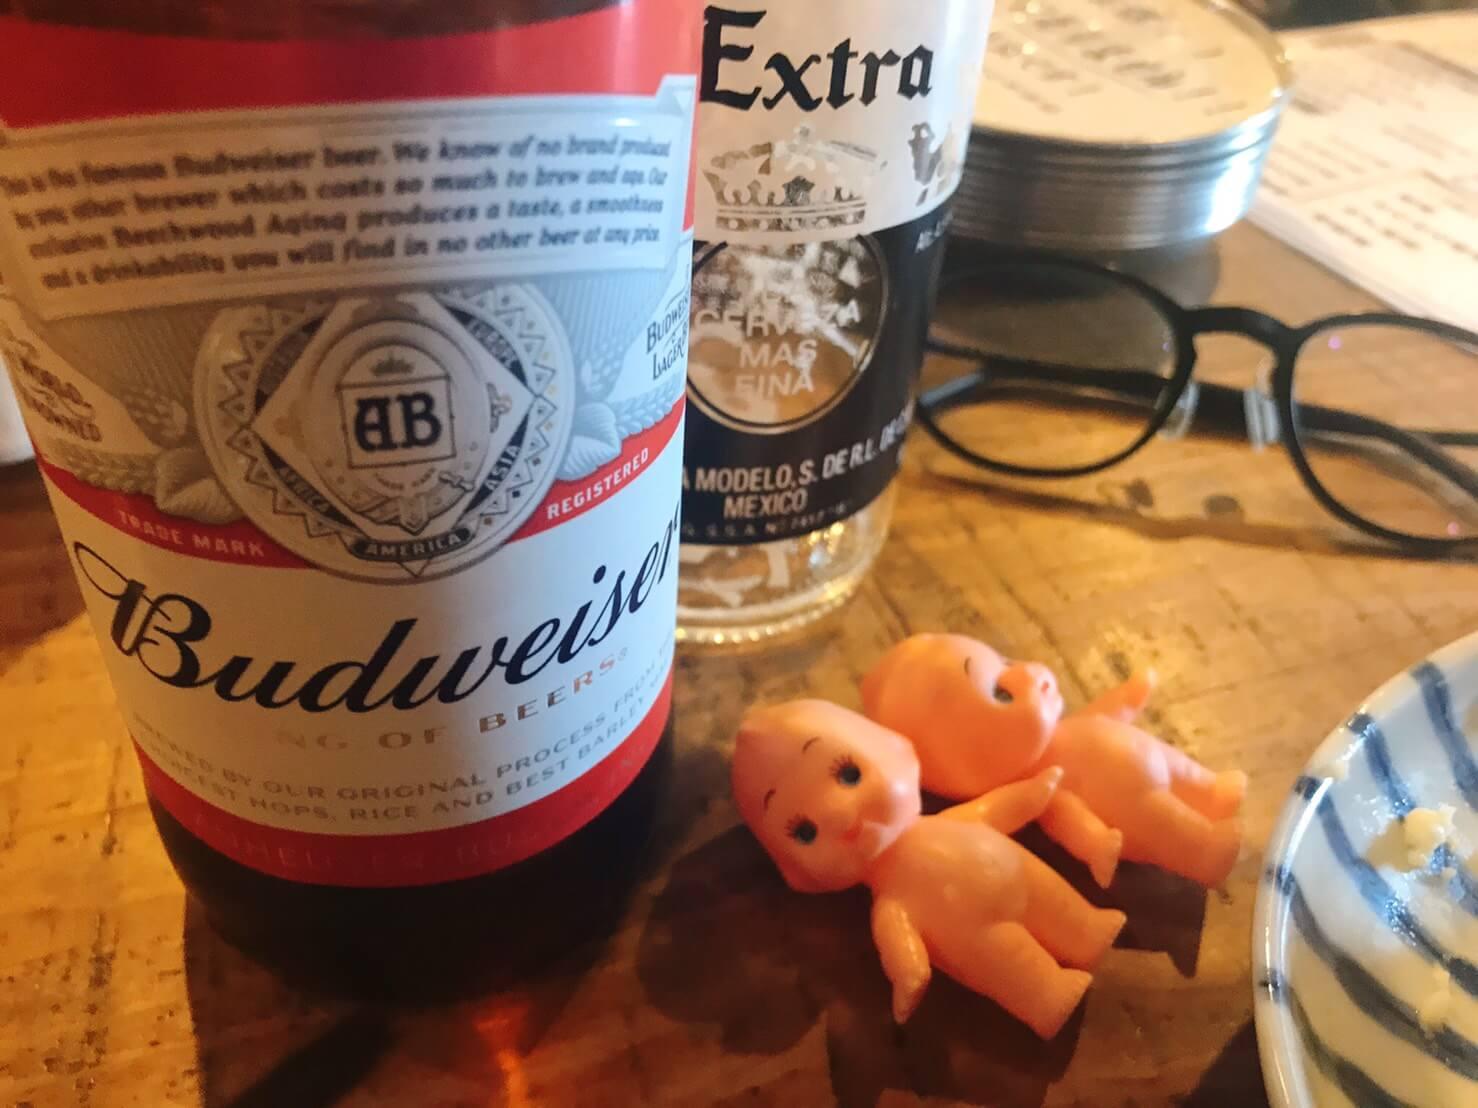 社交酒場イムのキューピーとビール